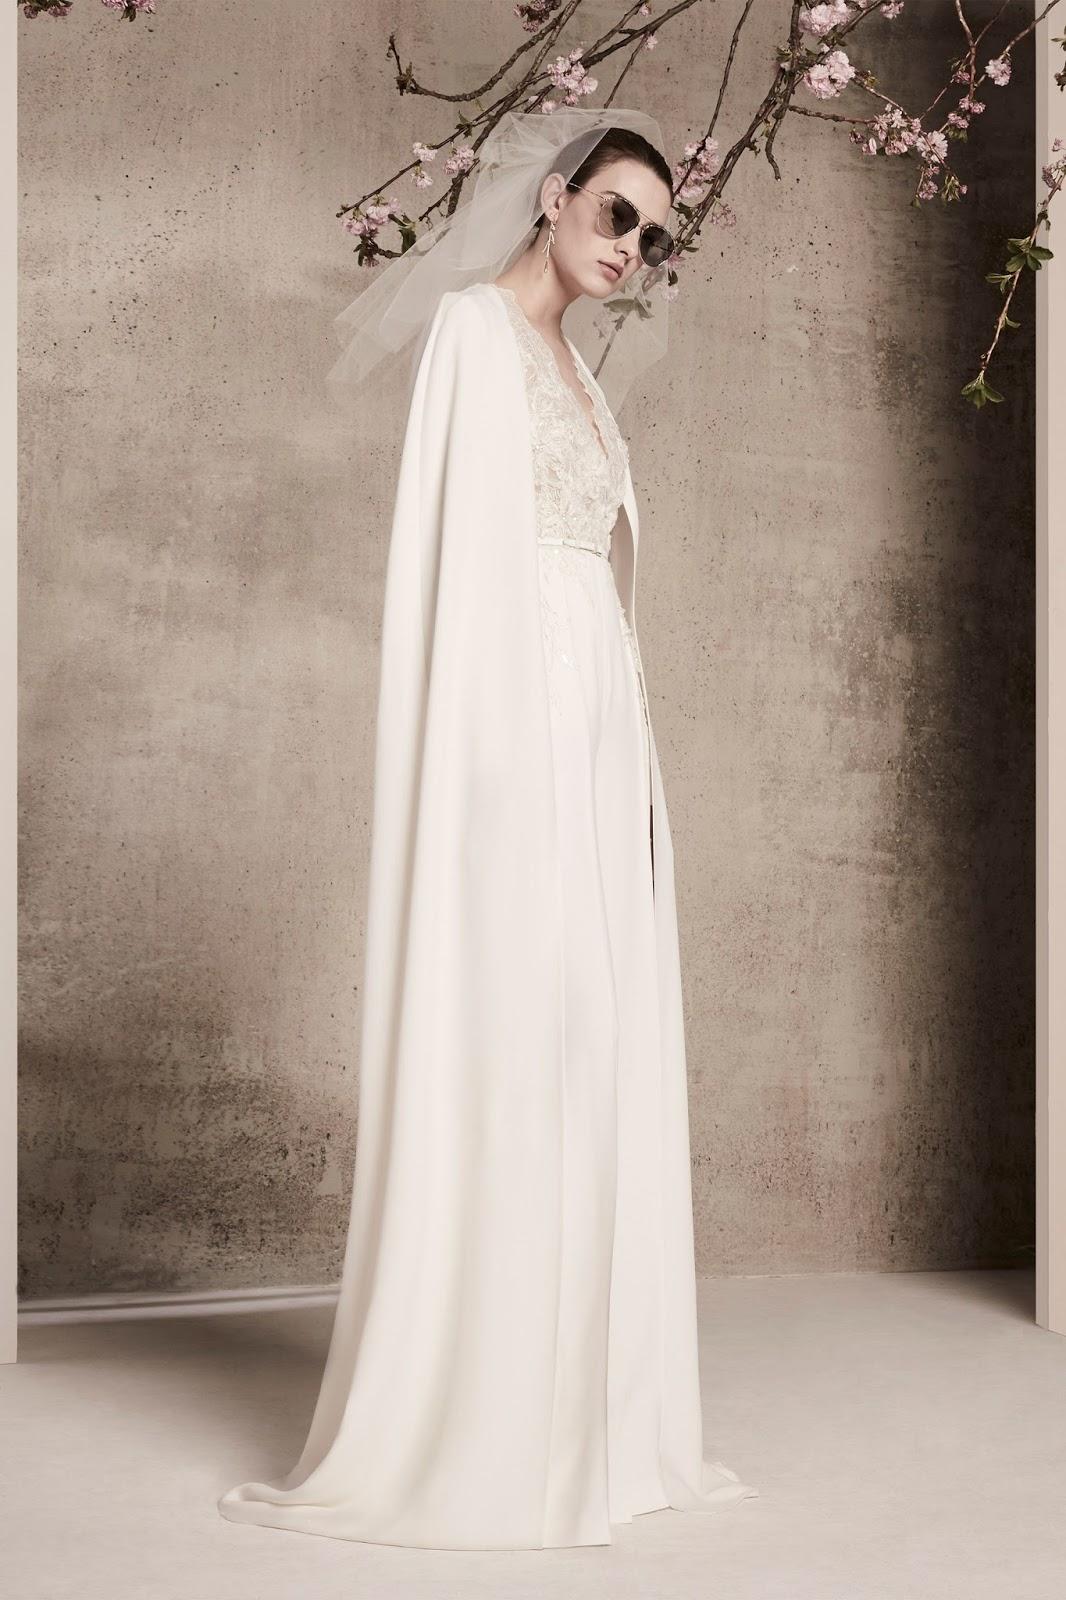 Top Abiti da sposa 2018, le novità dalla Bridal Fashion Week di New York FV36